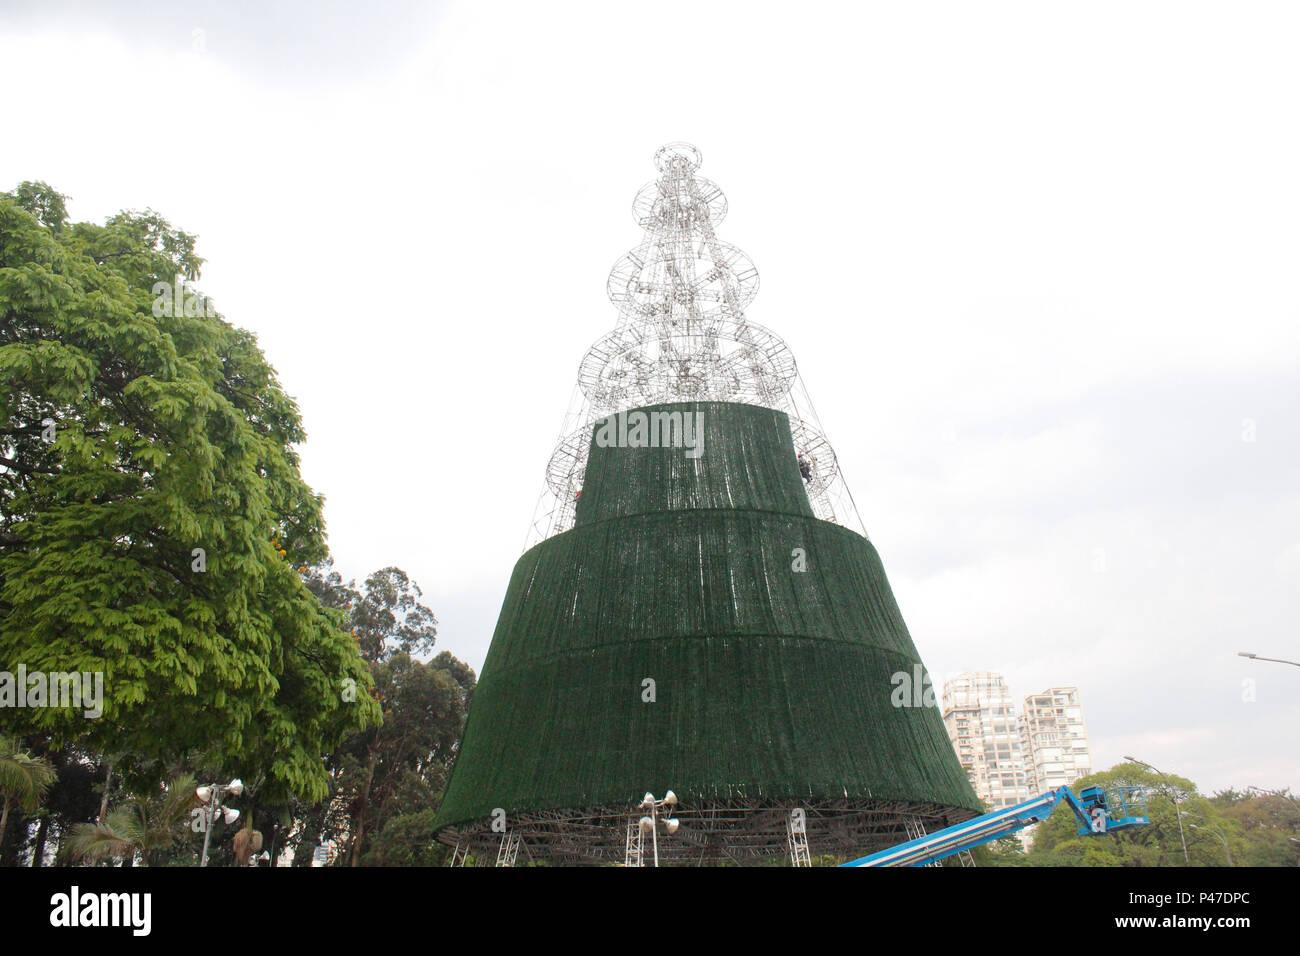 SÃO PAULO, SP - 08/12/2014: ÁRVORE NO PARQUE IBIRAPUERA -